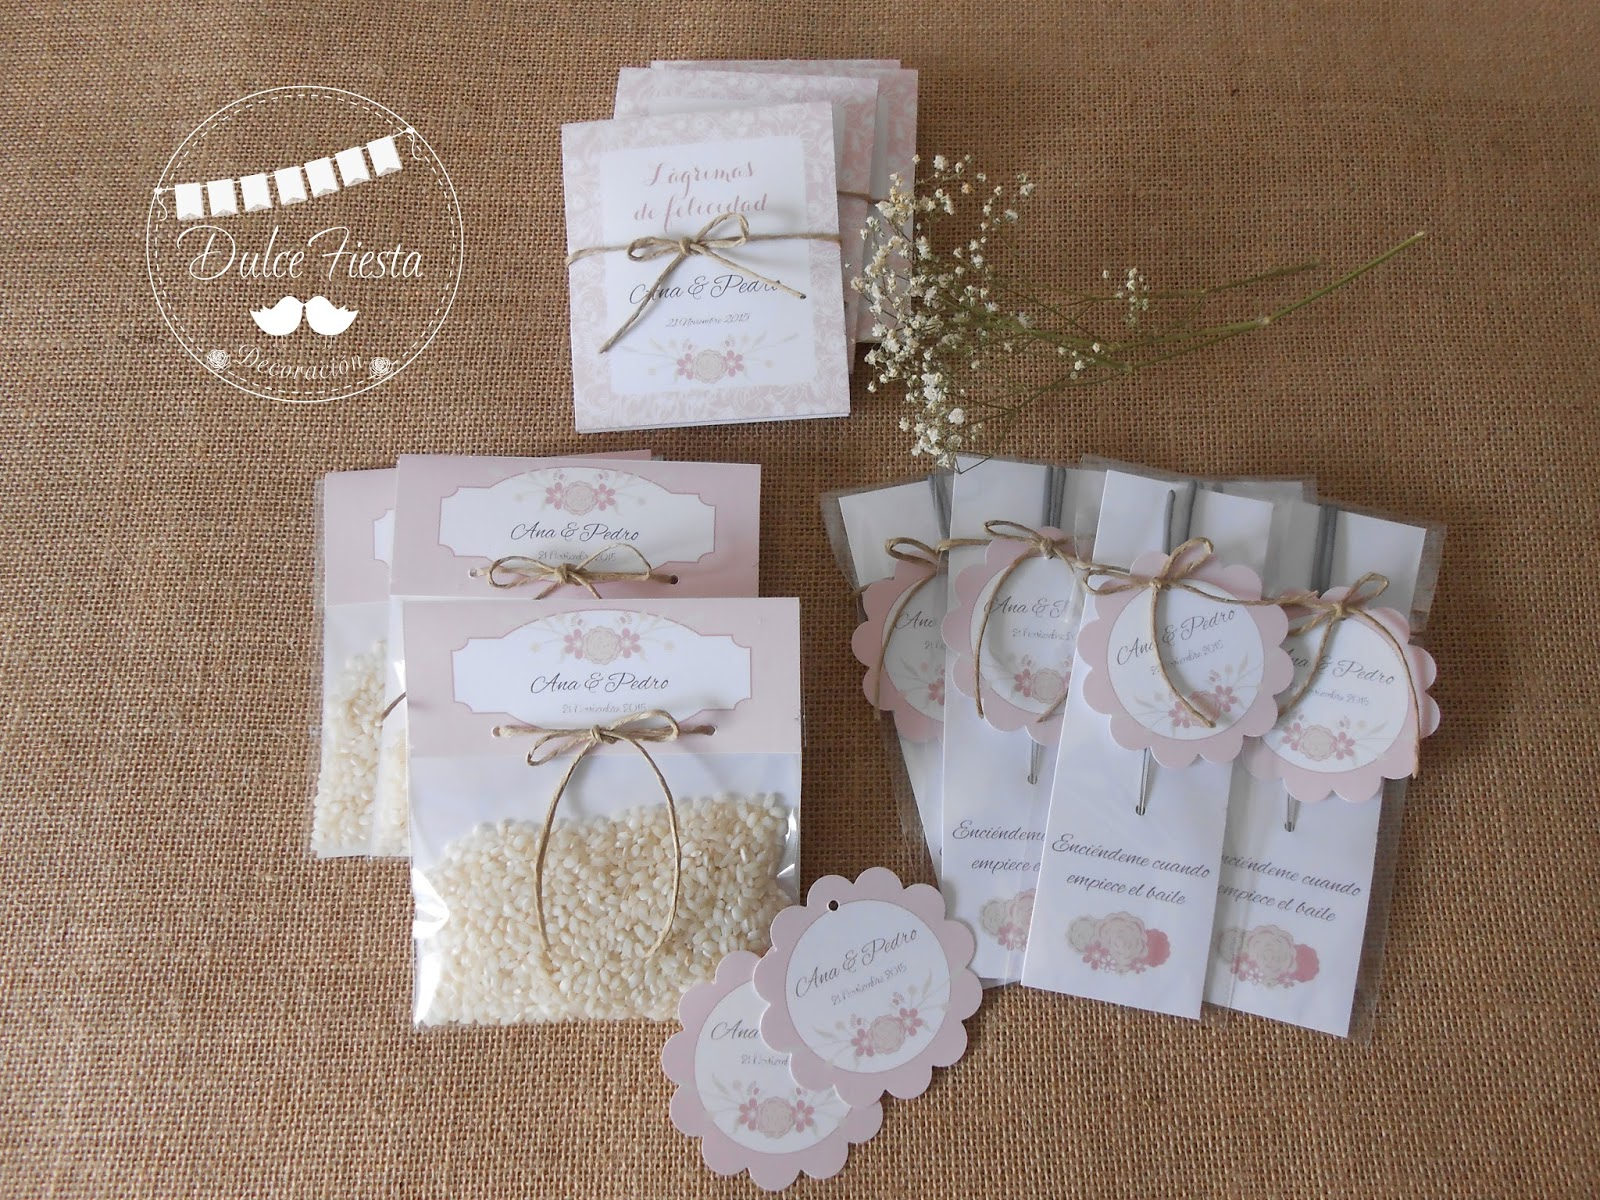 Dise o y decoraci n personalizada para eventos detalles y for Detalles para el hogar decoracion